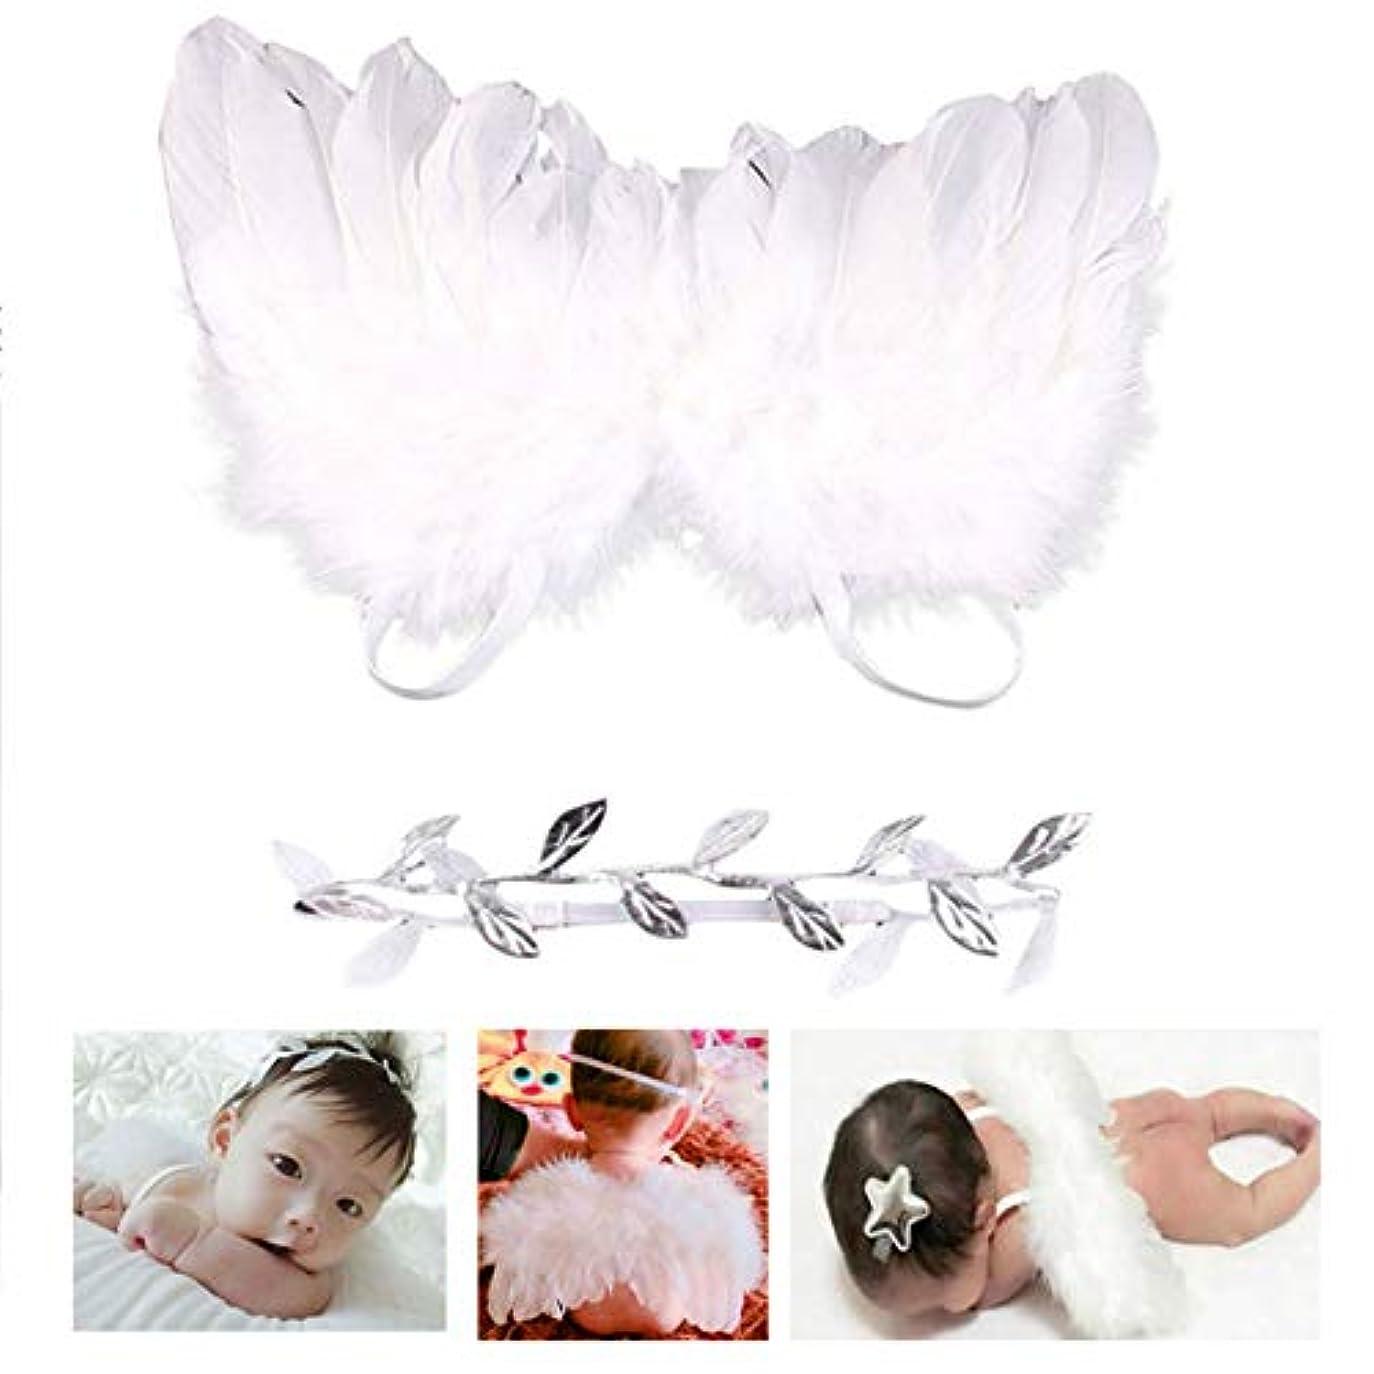 個人シールド減少ベビー用着ぐるみ 天使に変身 コスチューム 寝相アート 天使の羽+ヘアバンド (100日 記念写真/写真撮影用) 出産祝い